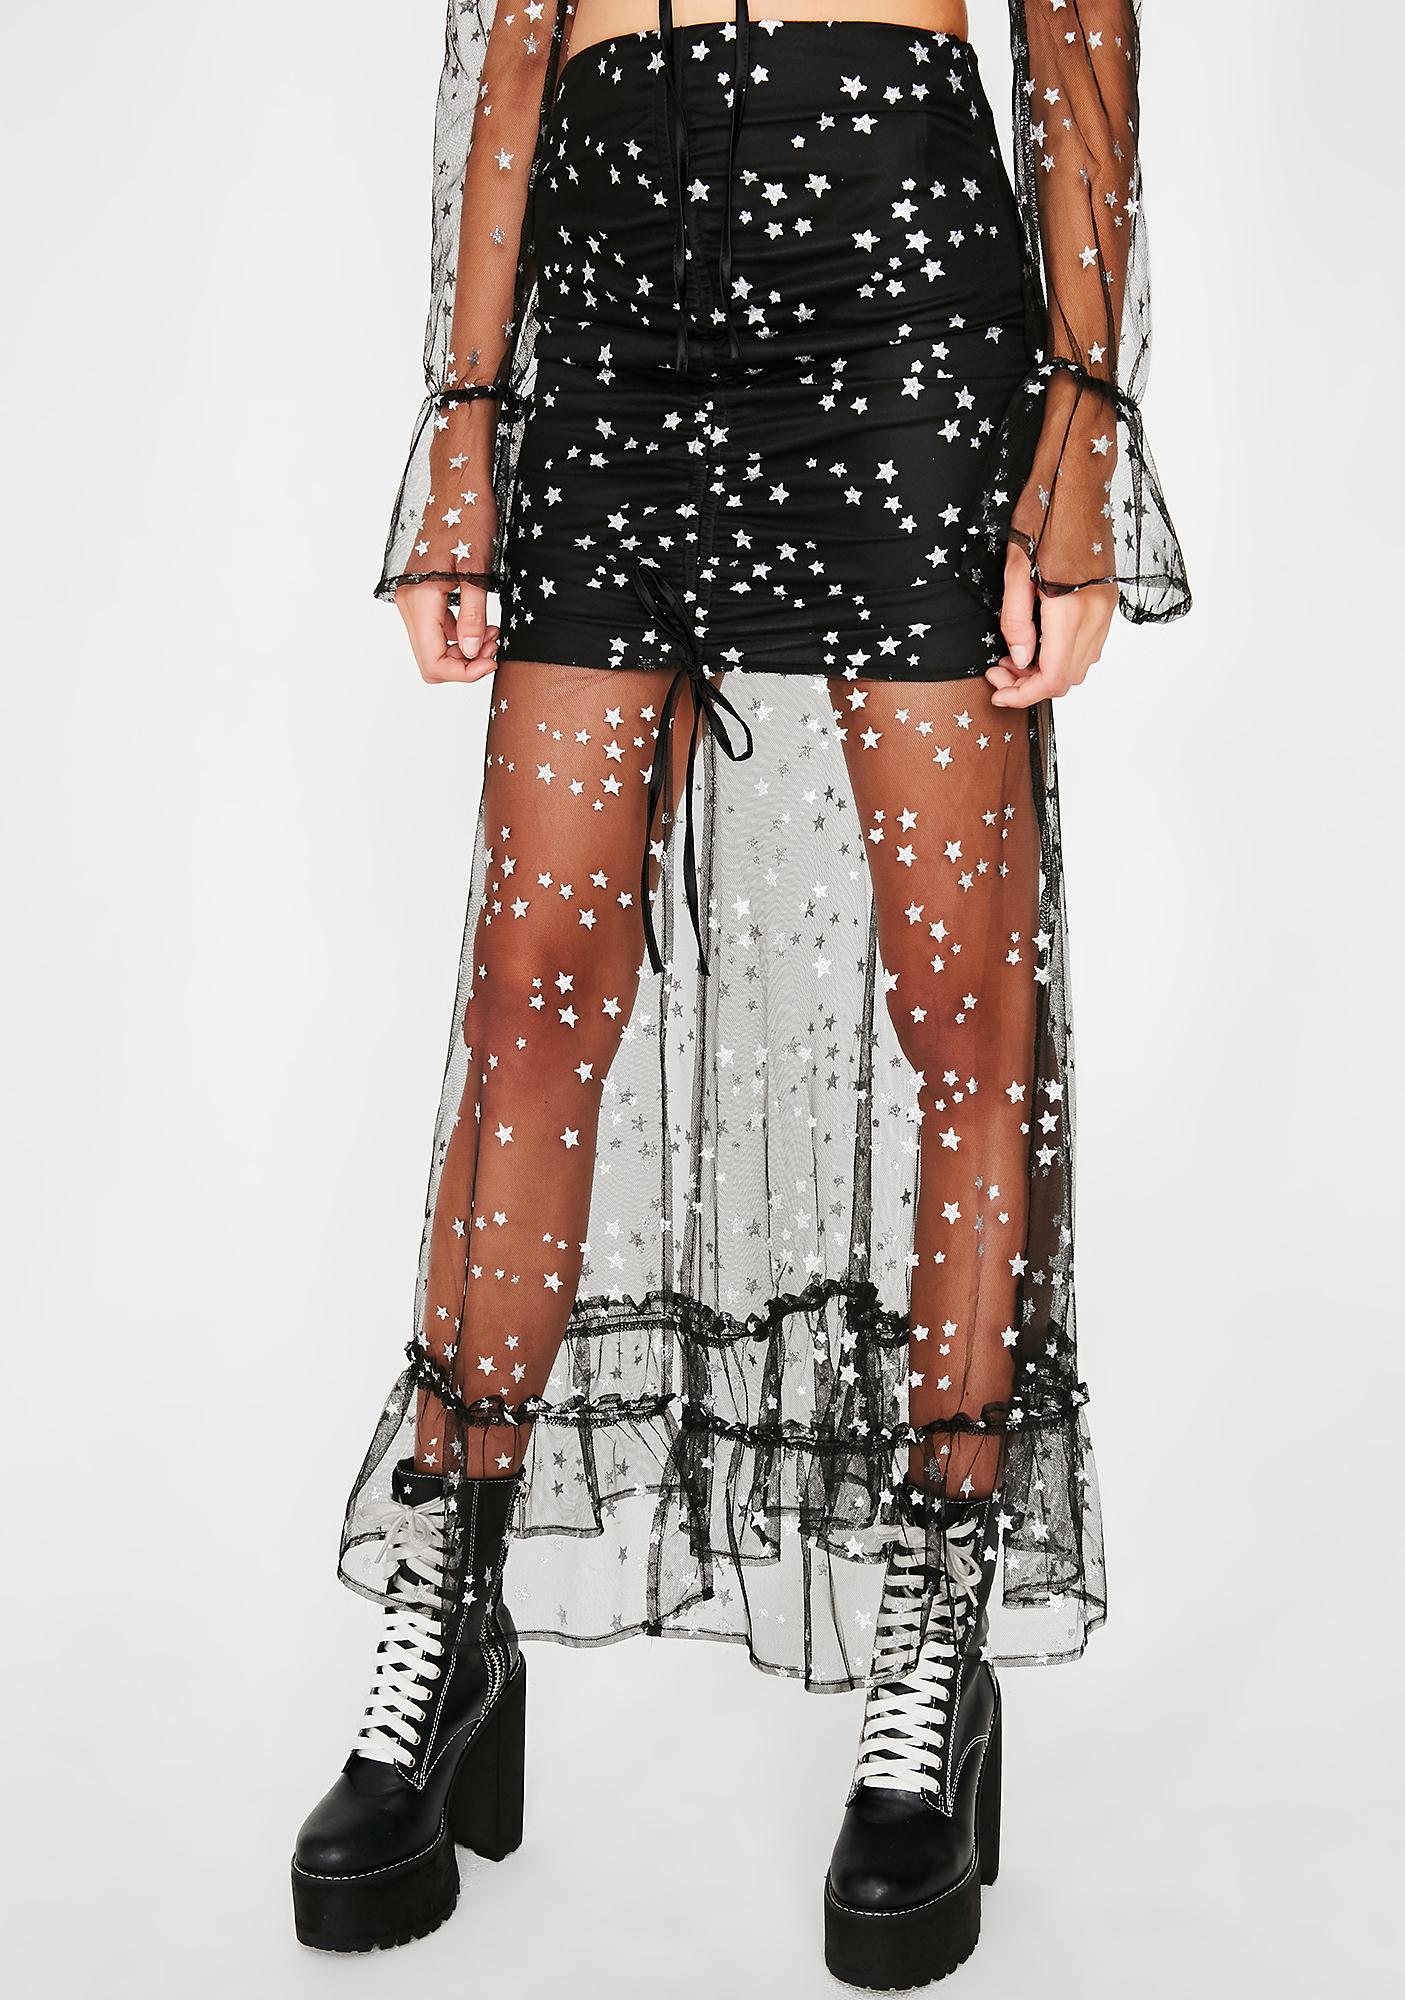 Antimatter Sheer Skirt